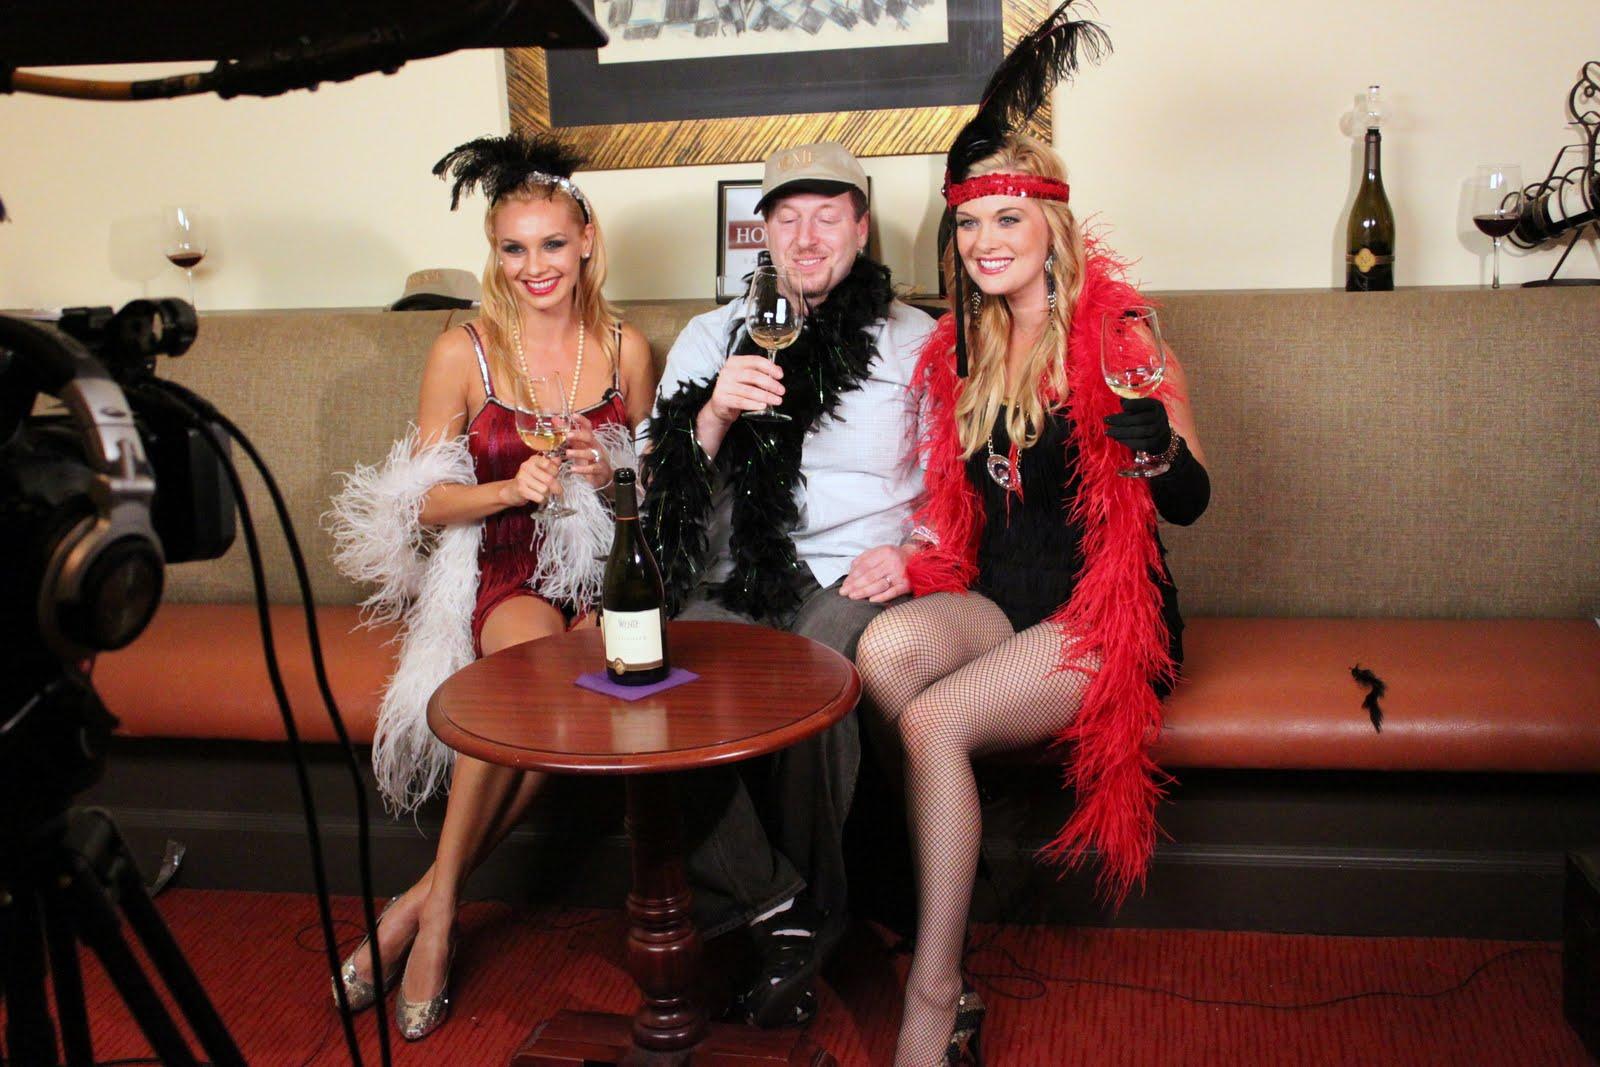 The Iron Chevsky Wine Blog: Iron Chevsky on Celebrity Wine Review TV